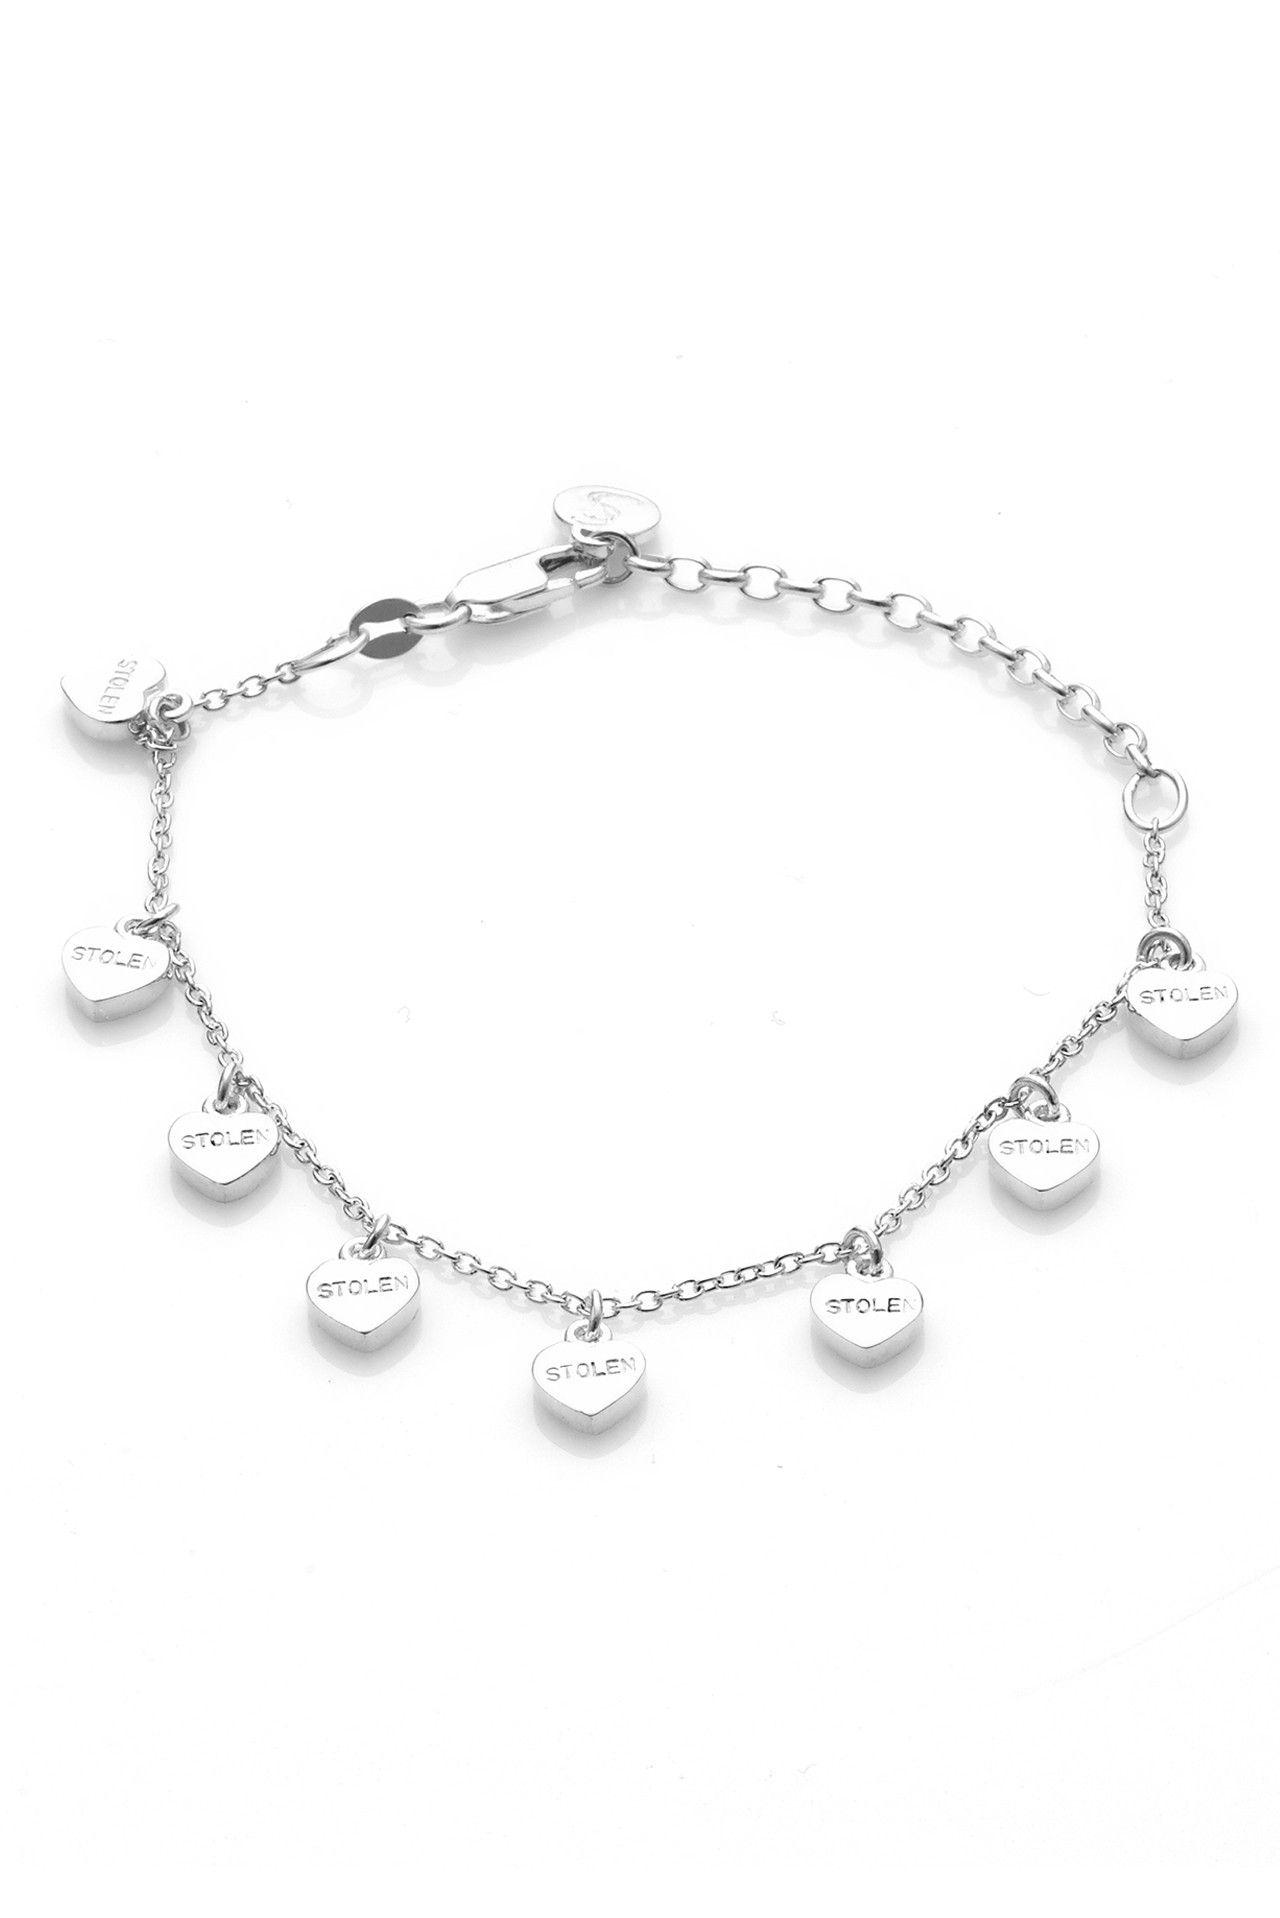 Stolen Heart Bracelet Bracelets Jewellery